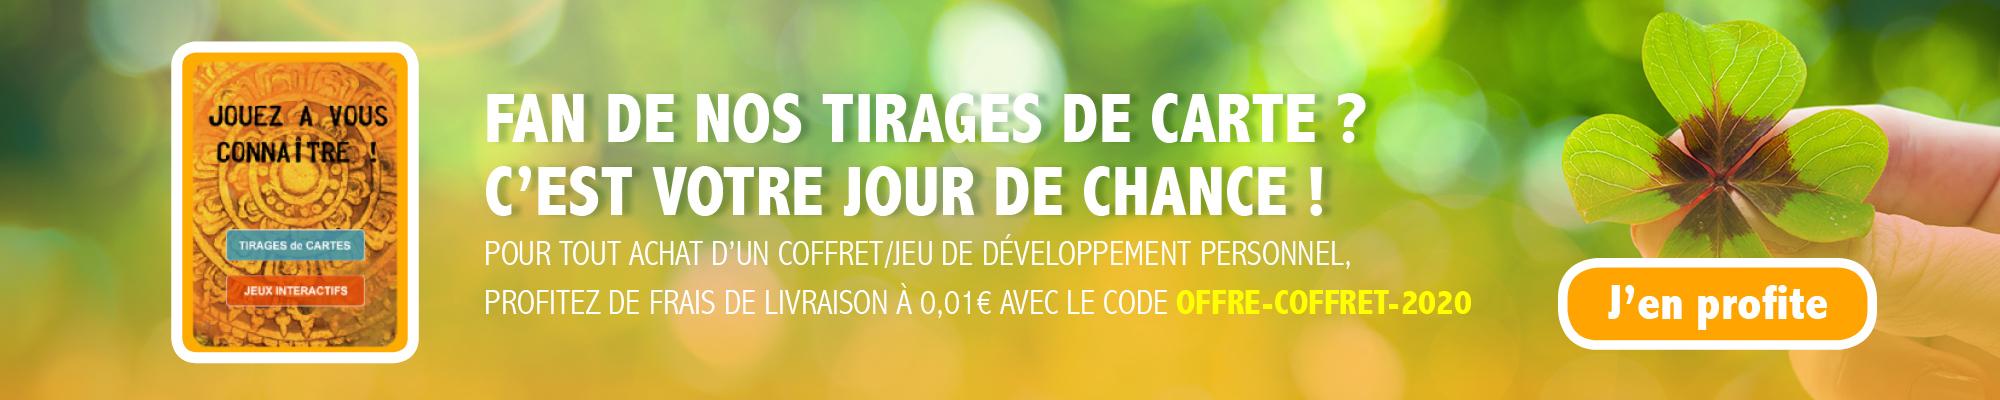 Jeux De Tirage De Cartes De Développement Personnel pour Jeux En Ligne Pour Tout Petit